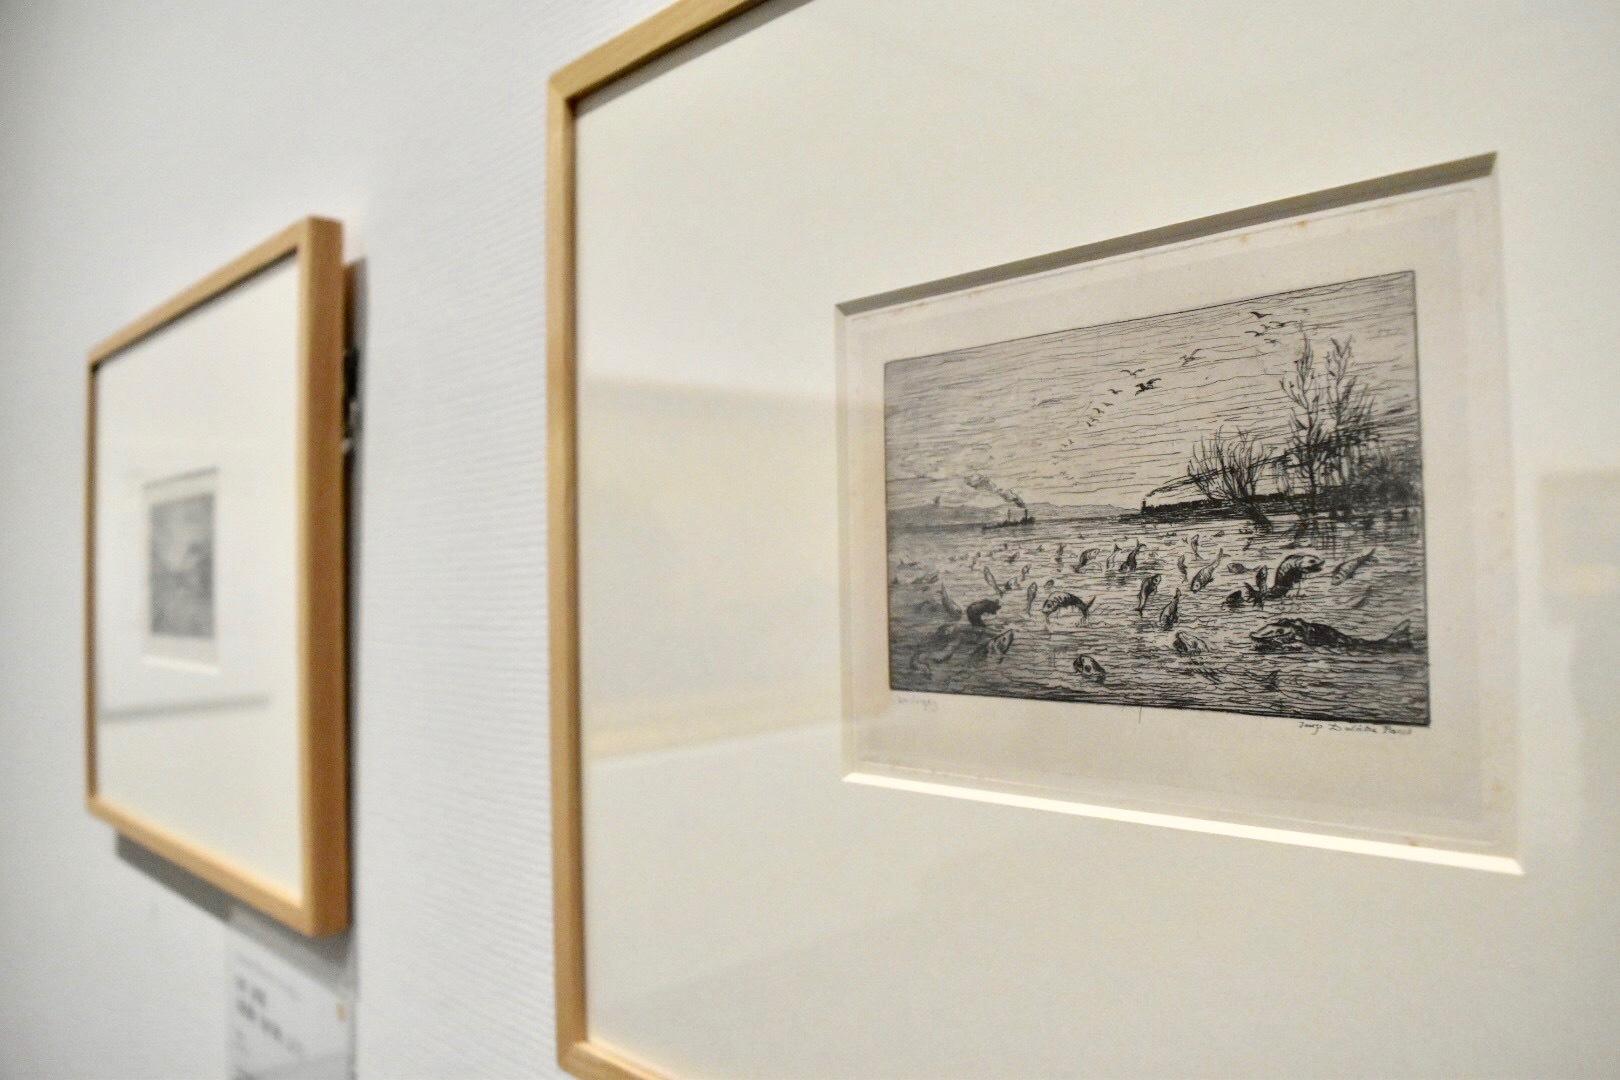 右:シャルル=フランソワ・ドービニー 水夫見習いの出発を祝う魚たち(版画集「船の旅」より) 1862年 個人蔵